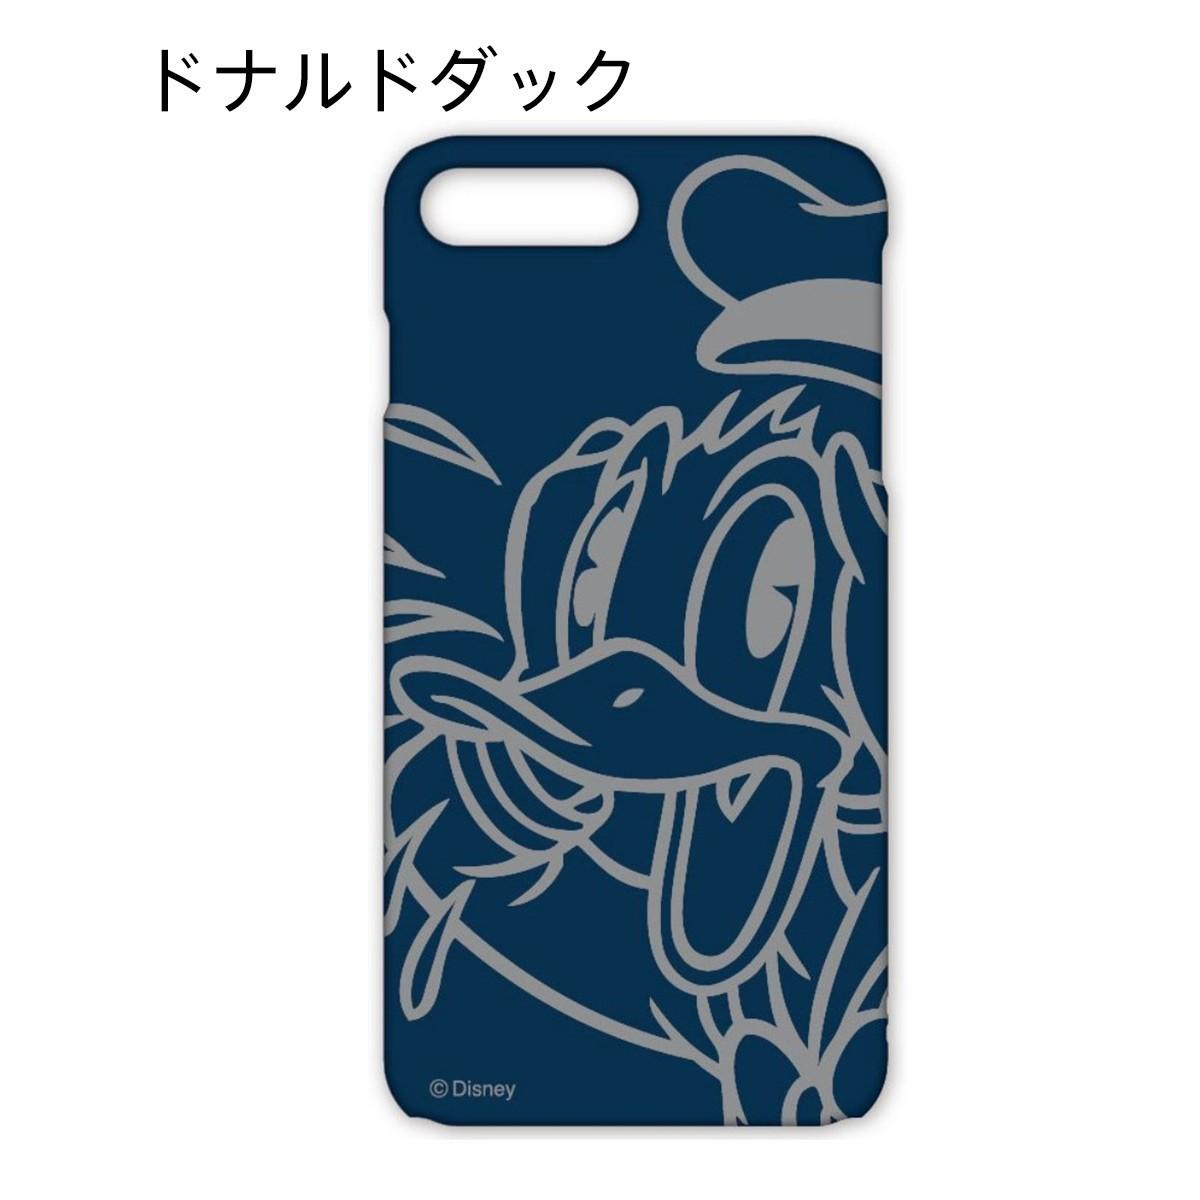 グルマンディーズ iPhone 7 Plus用 ディズニーキャラクター ハードケース ドナルドダック DN-389Aの商品画像|2